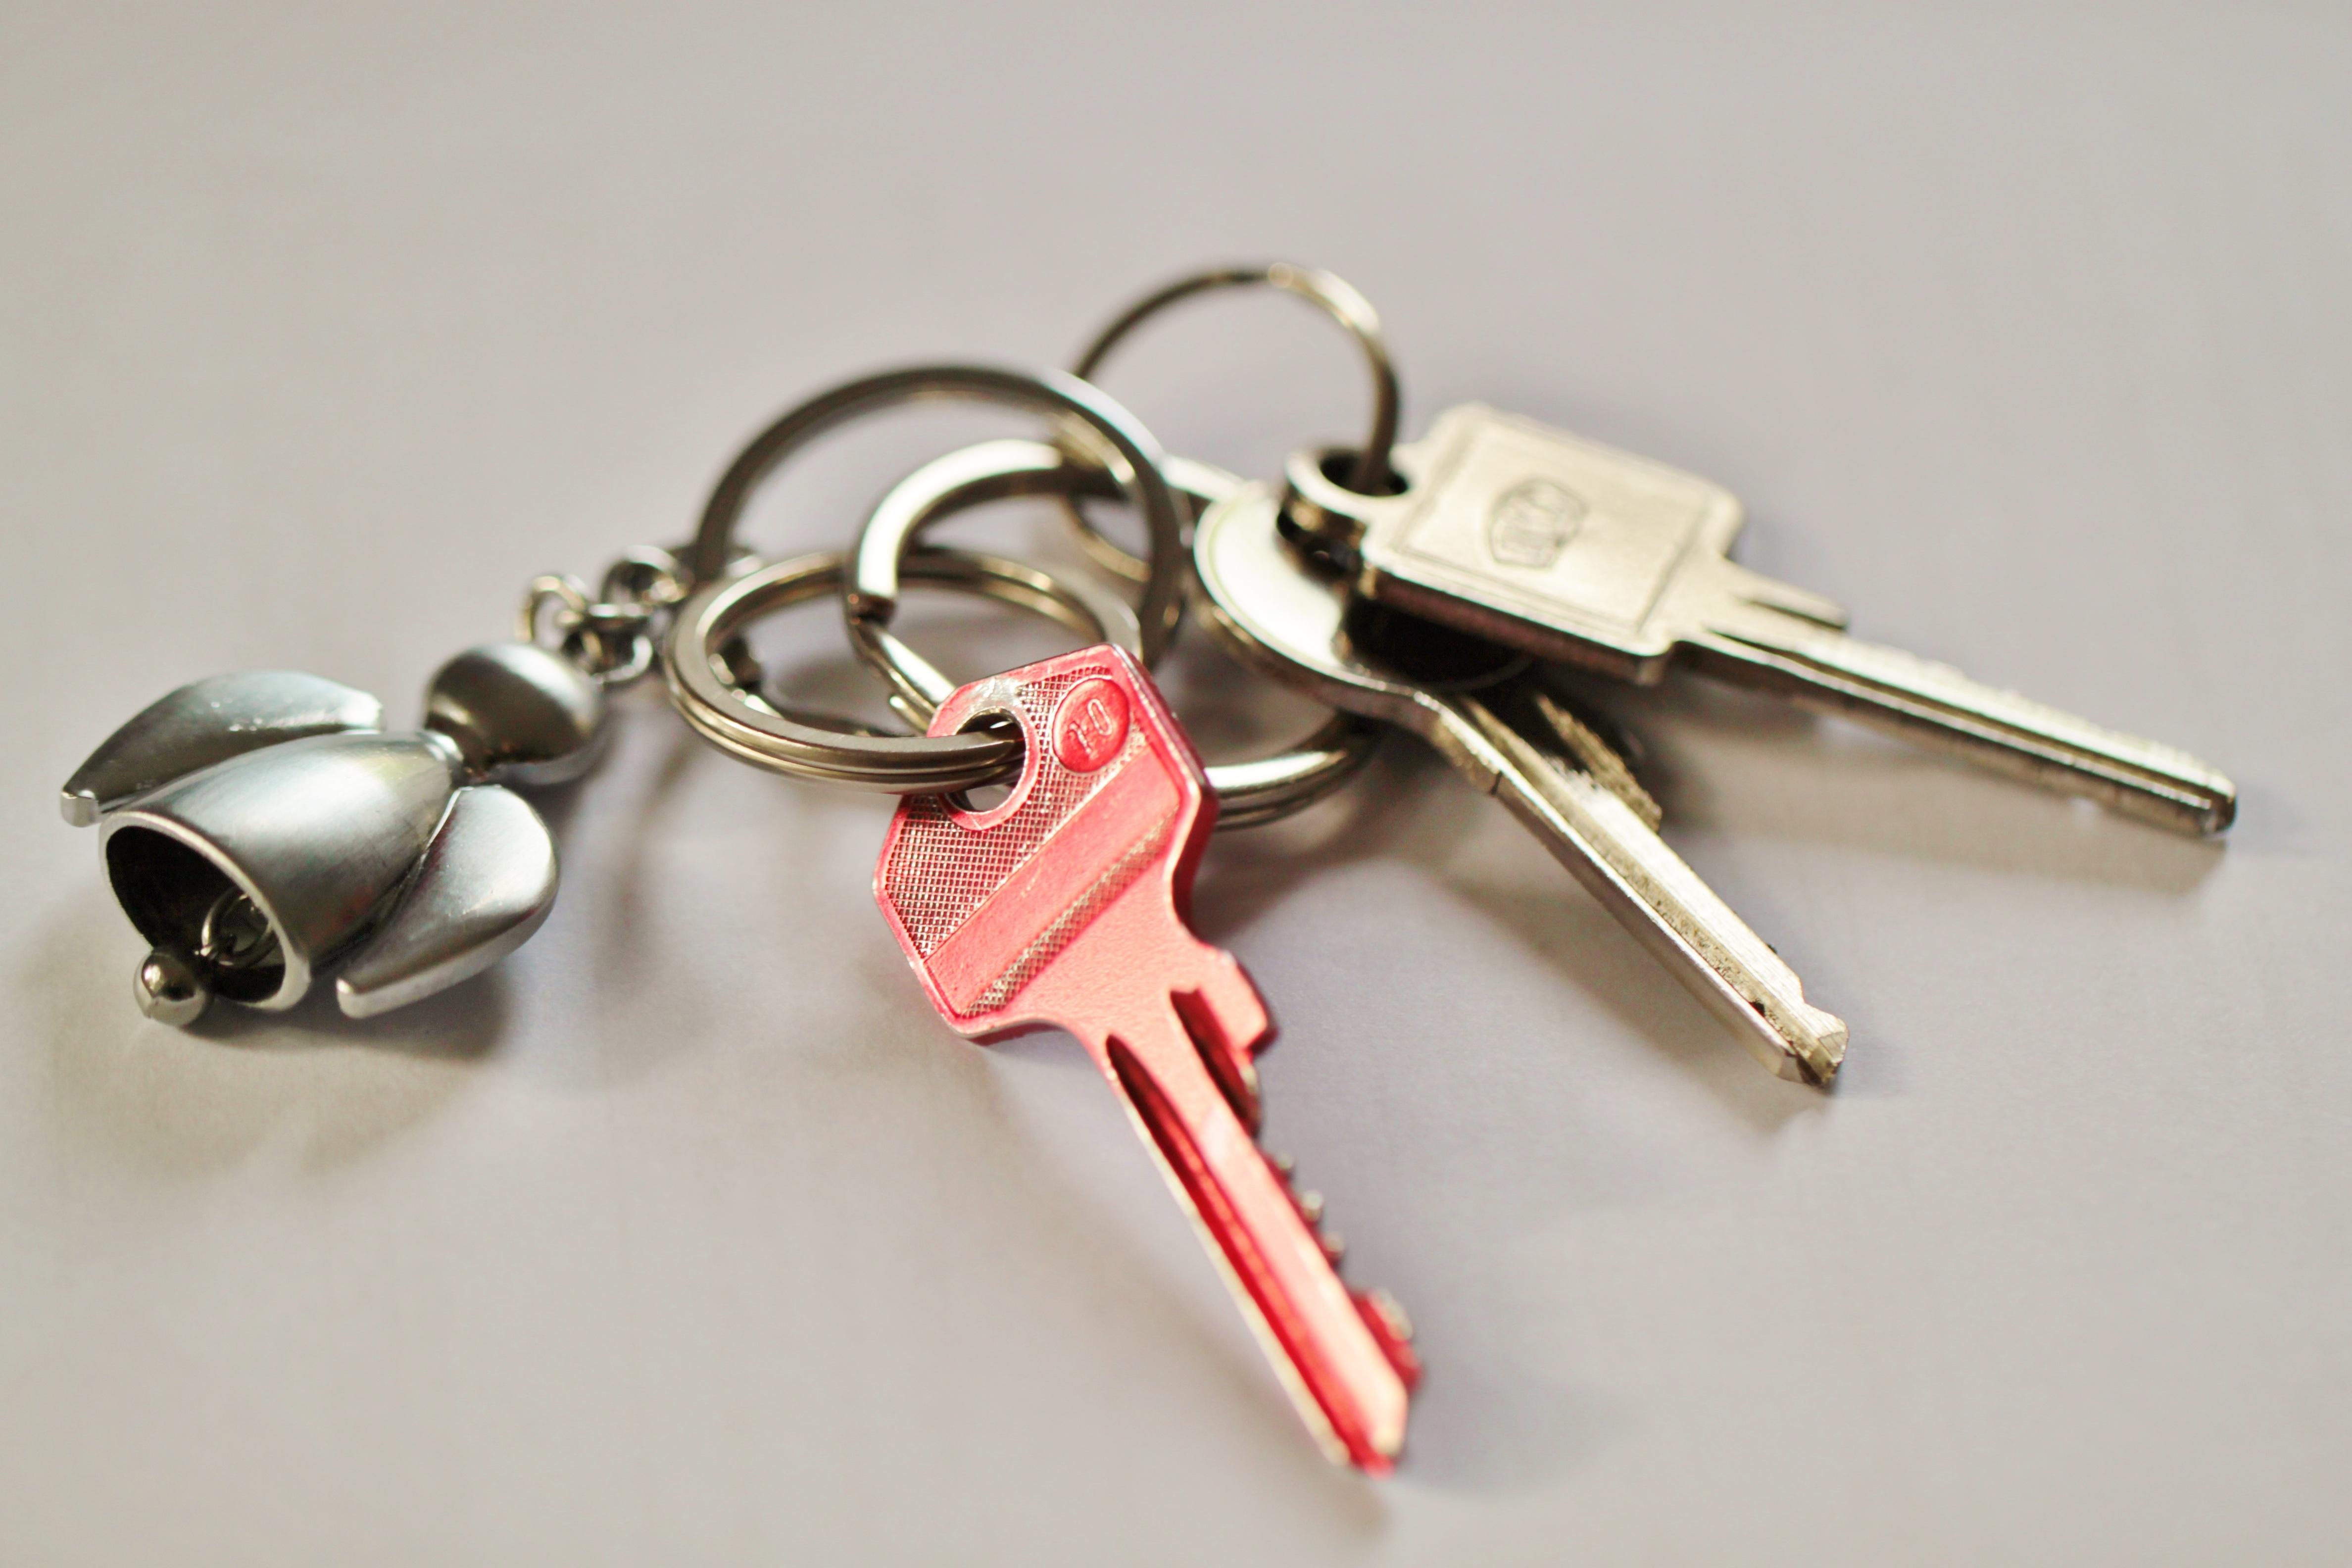 Keys, Metal, Object, Steel, HQ Photo